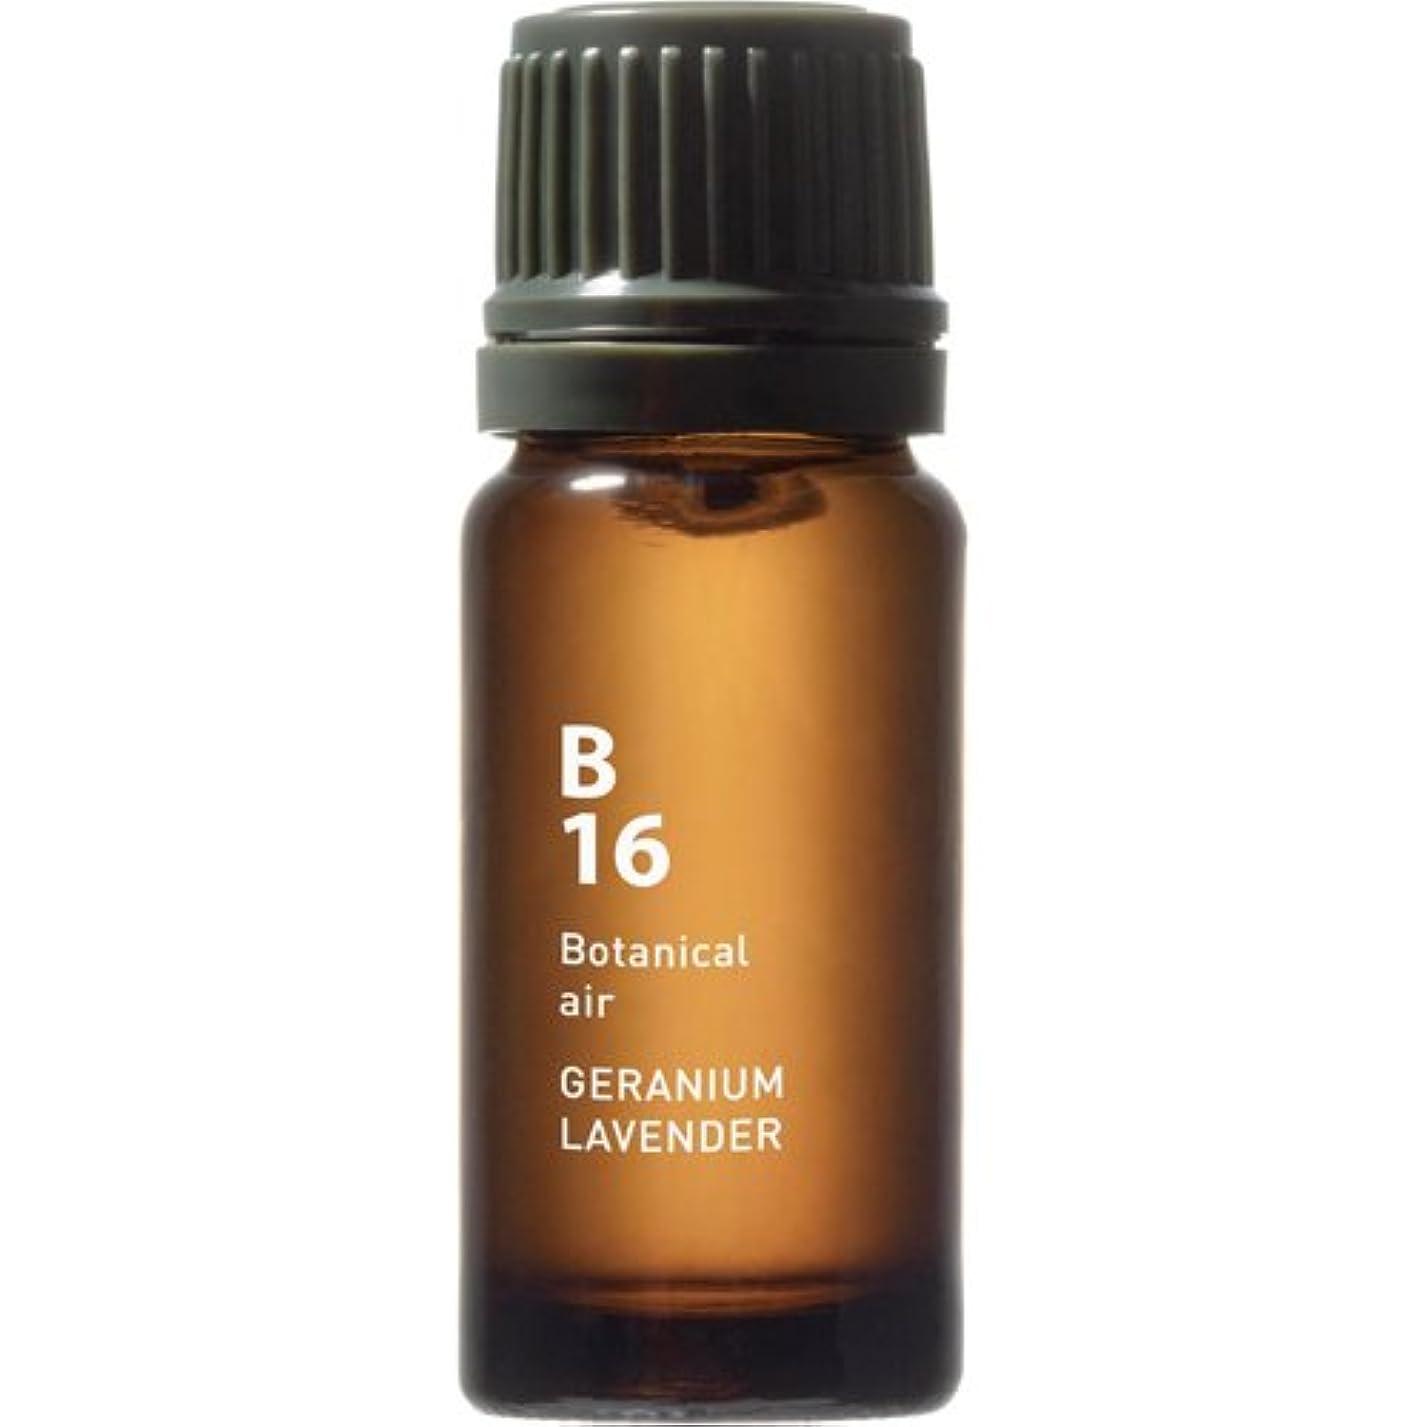 ハブブパイプ標準B16 ゼラニウムラベンダー Botanical air(ボタニカルエアー) 10ml